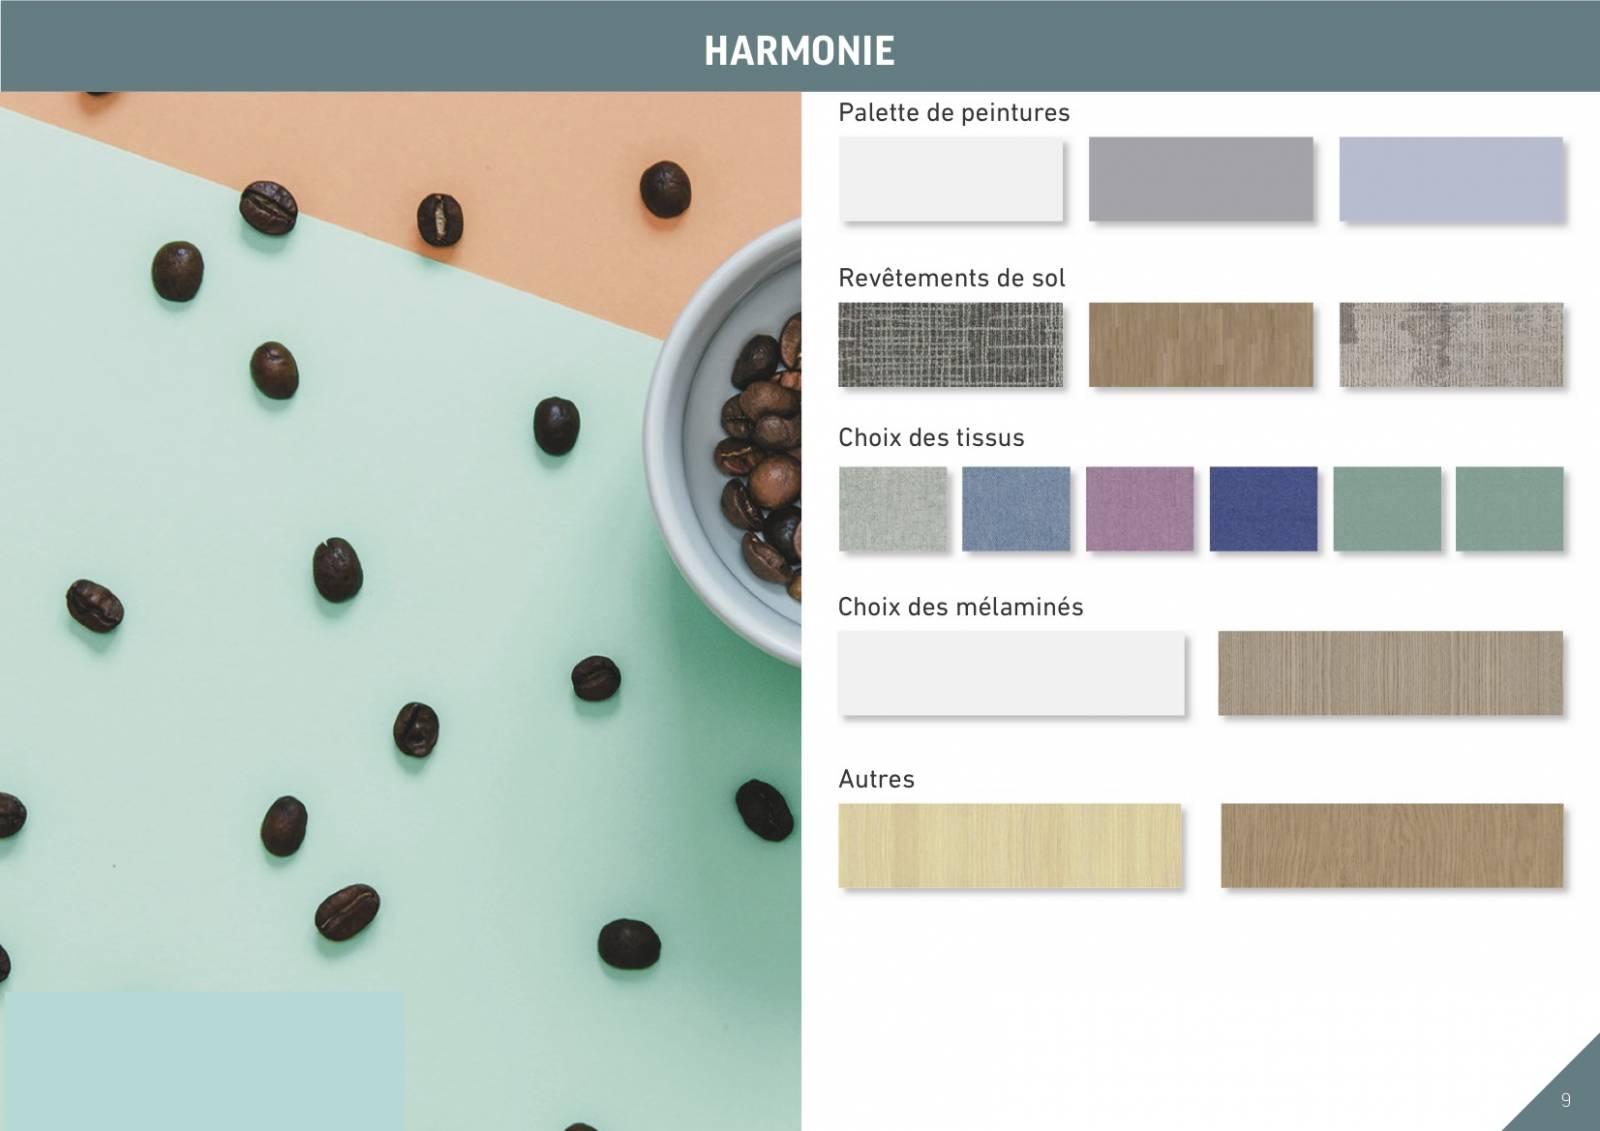 une planche tendance des coloris et matières présentée